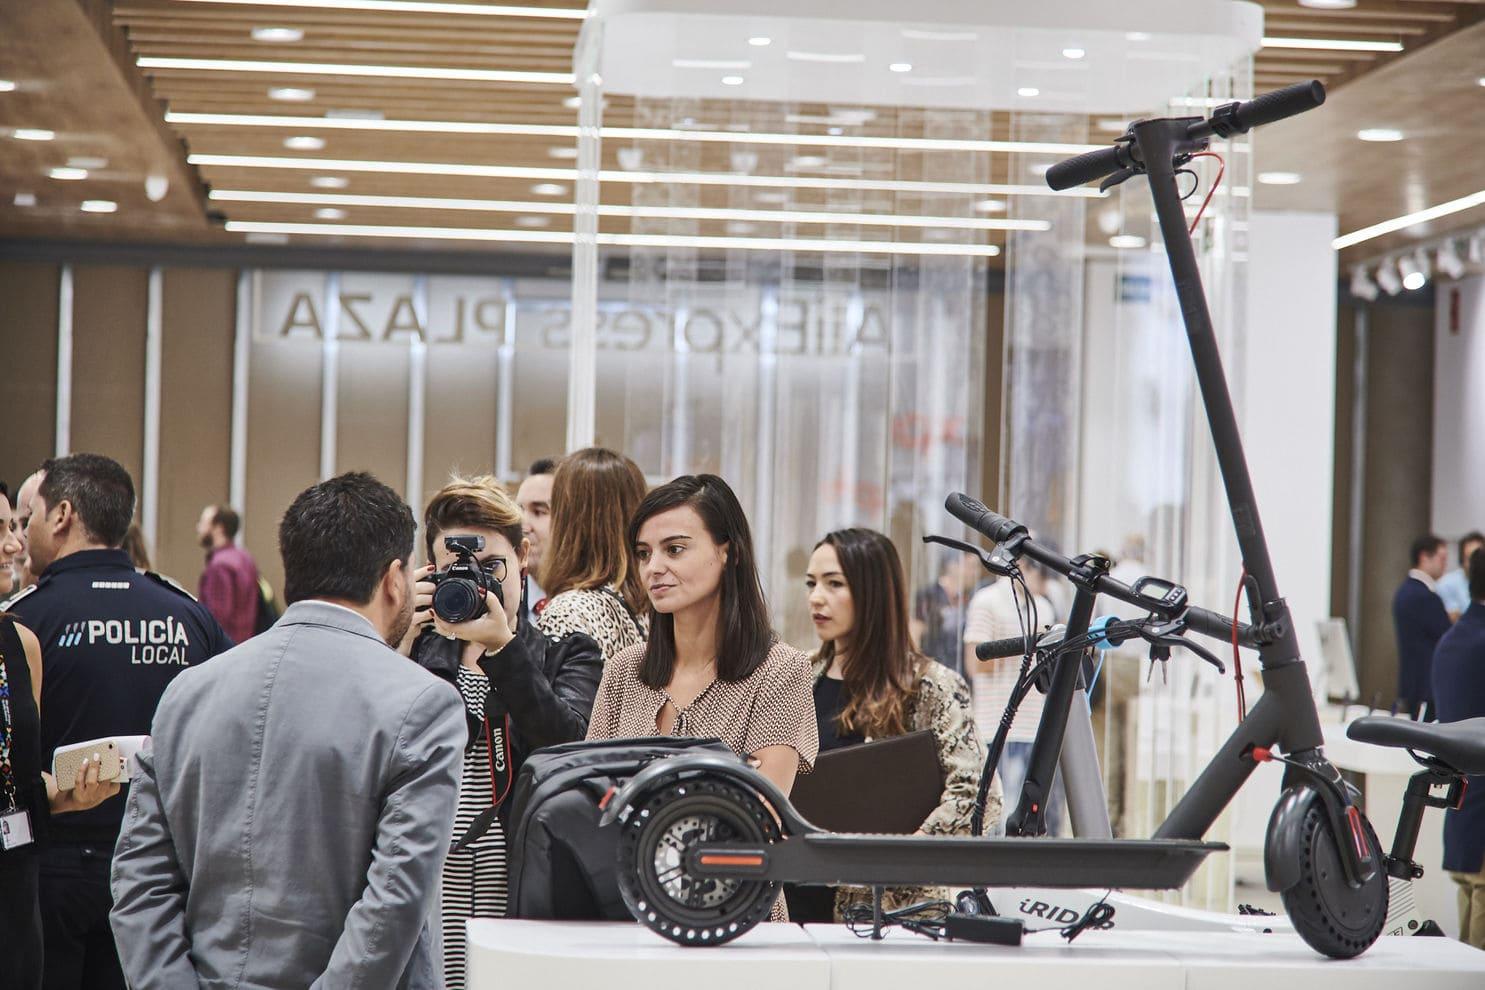 هذا هو أول متجر Aliexpress المادية في إسبانيا (وفي أوروبا) 1